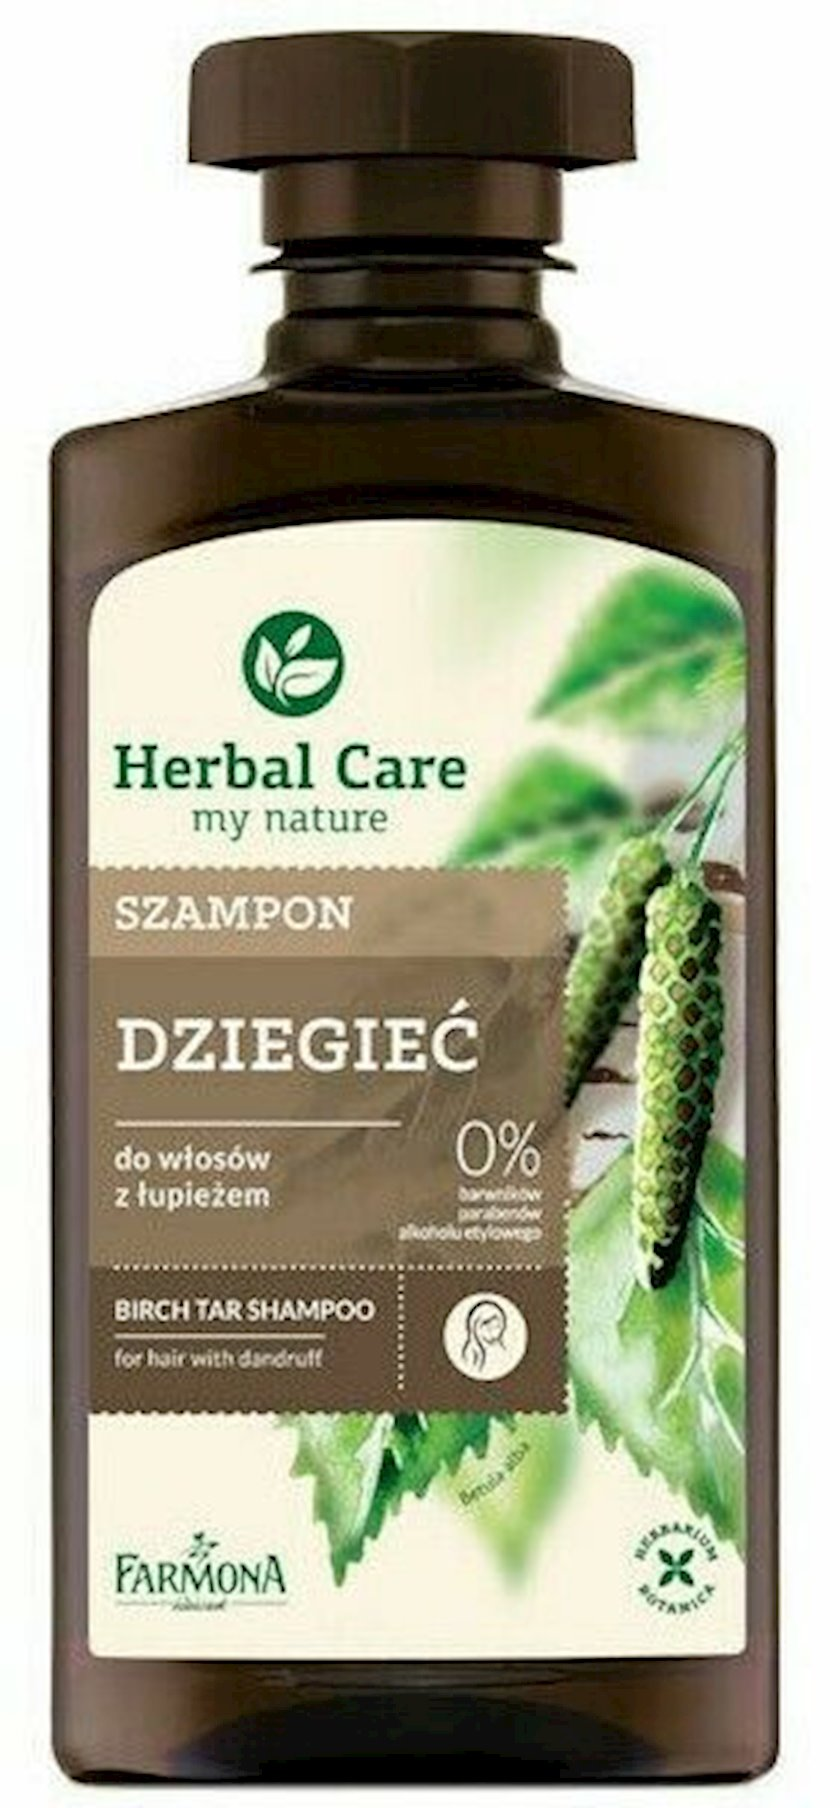 Şampun Farmona Herbal Care Tozağacı və Qatranlı 330ml